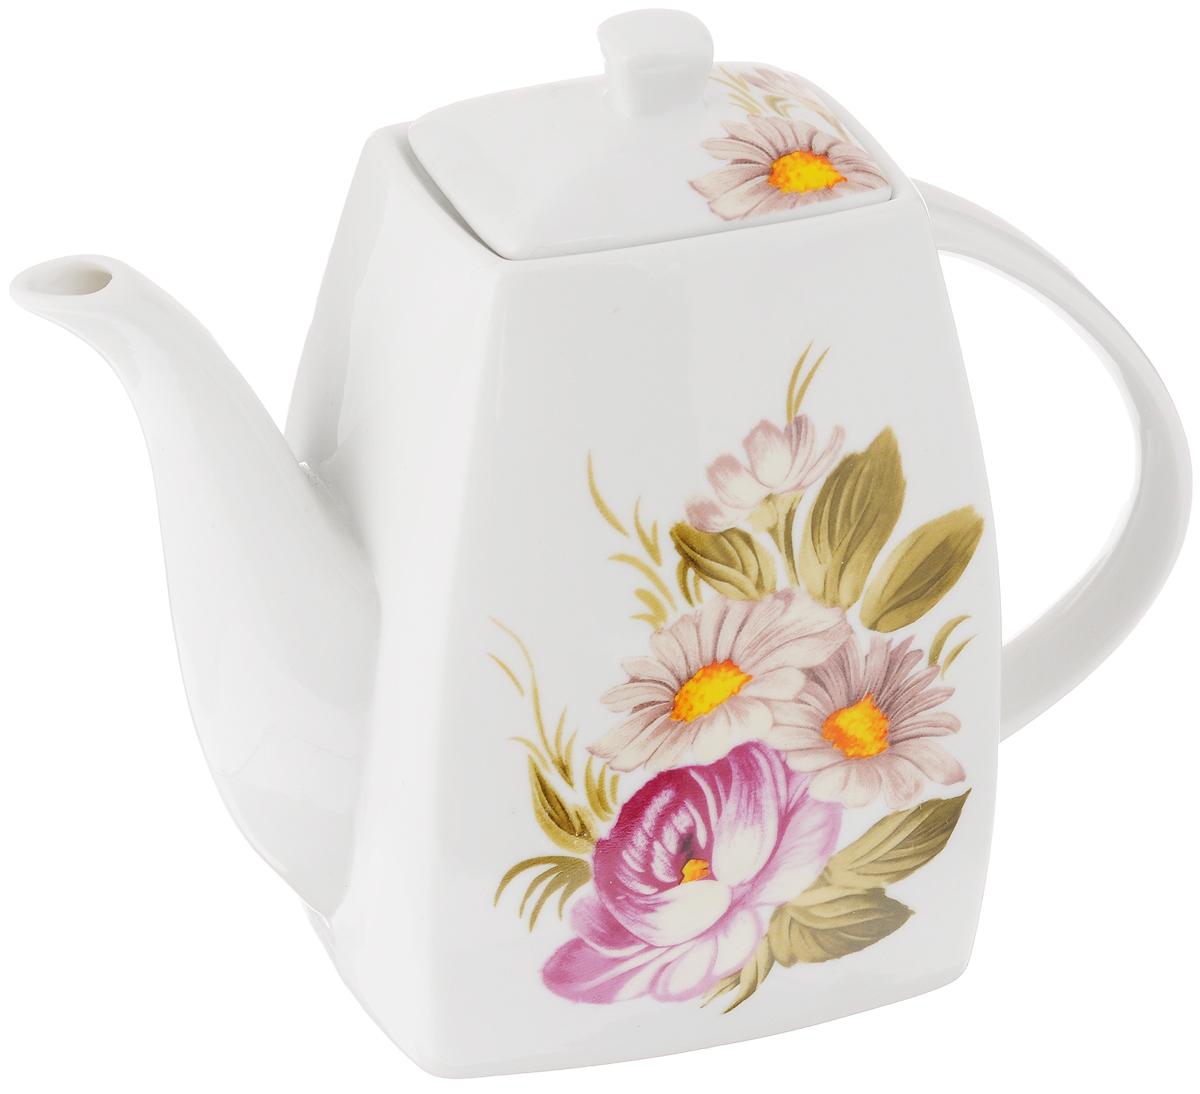 Чайник заварочный Loraine Цветочная идиллия, 1 лVT-1520(SR)Заварочный чайник Loraine Цветочная идиллия изготовлен из высококачественной керамики с гладким глазурованным покрытием. Изделие декорировано красочным цветочным рисунком. Чайник снабжен удобной ручкой и широким носиком. В основании носика расположены фильтрующие отверстия от попадания чаинок в чашку. Изысканный заварочный чайник украсит сервировку стола к чаепитию. Благодаря красивому утонченному дизайну и качеству исполнения он станет хорошим подарком друзьям и близким. Размер чайника (по верхнему краю): 6 х 4 см. Высота чайника (без учета крышки): 15,5 см.